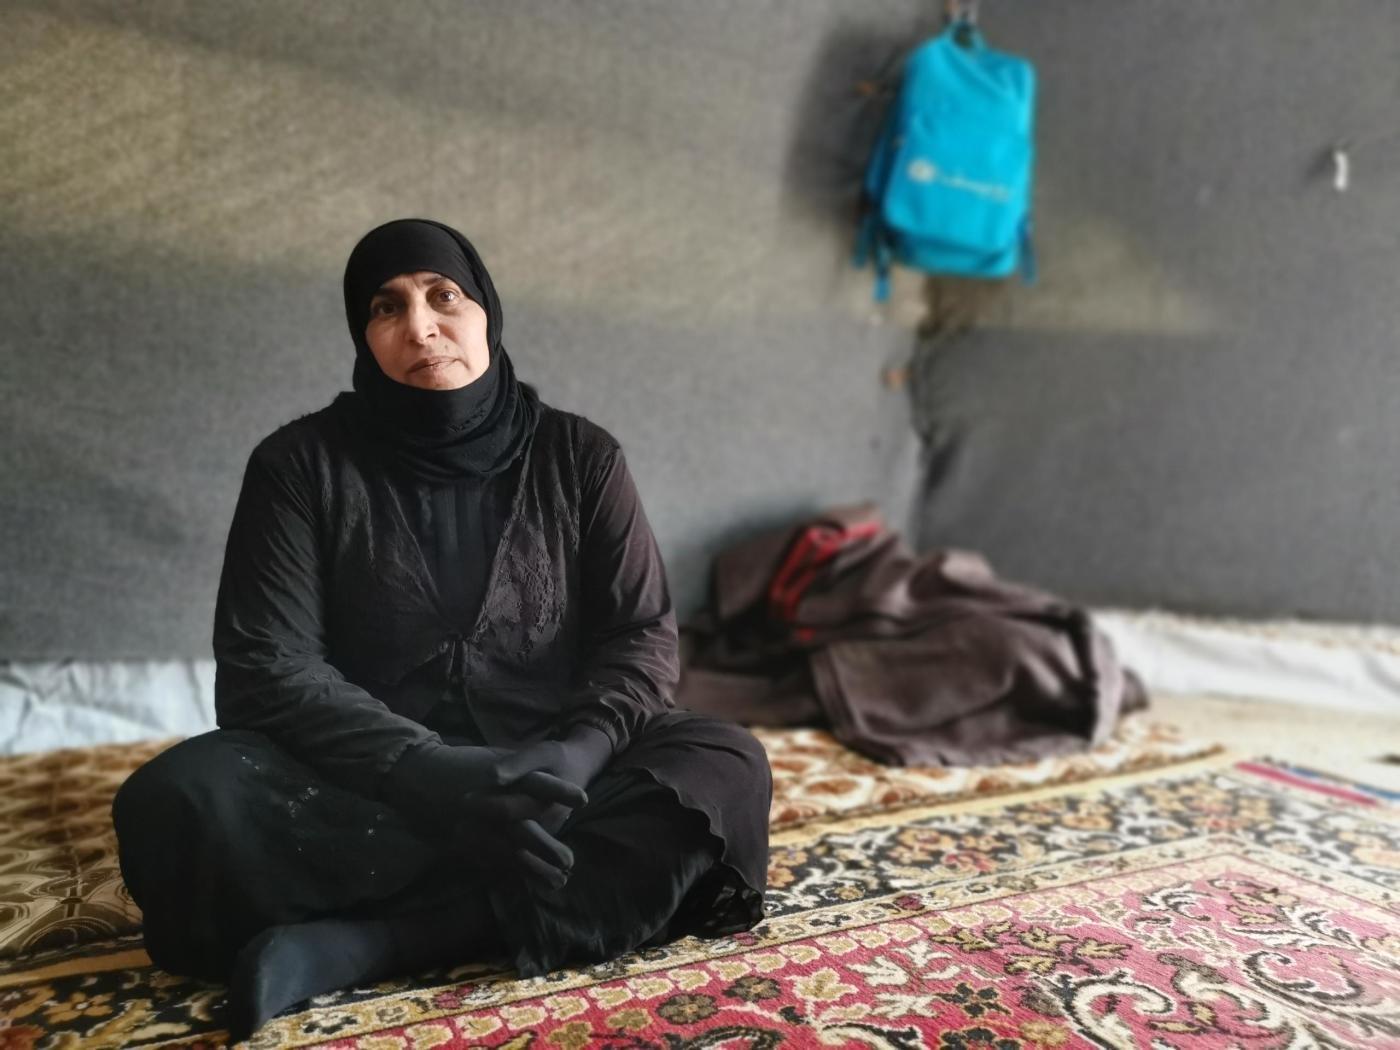 السيدة أم إبراهيم 44 عاما من كركوك